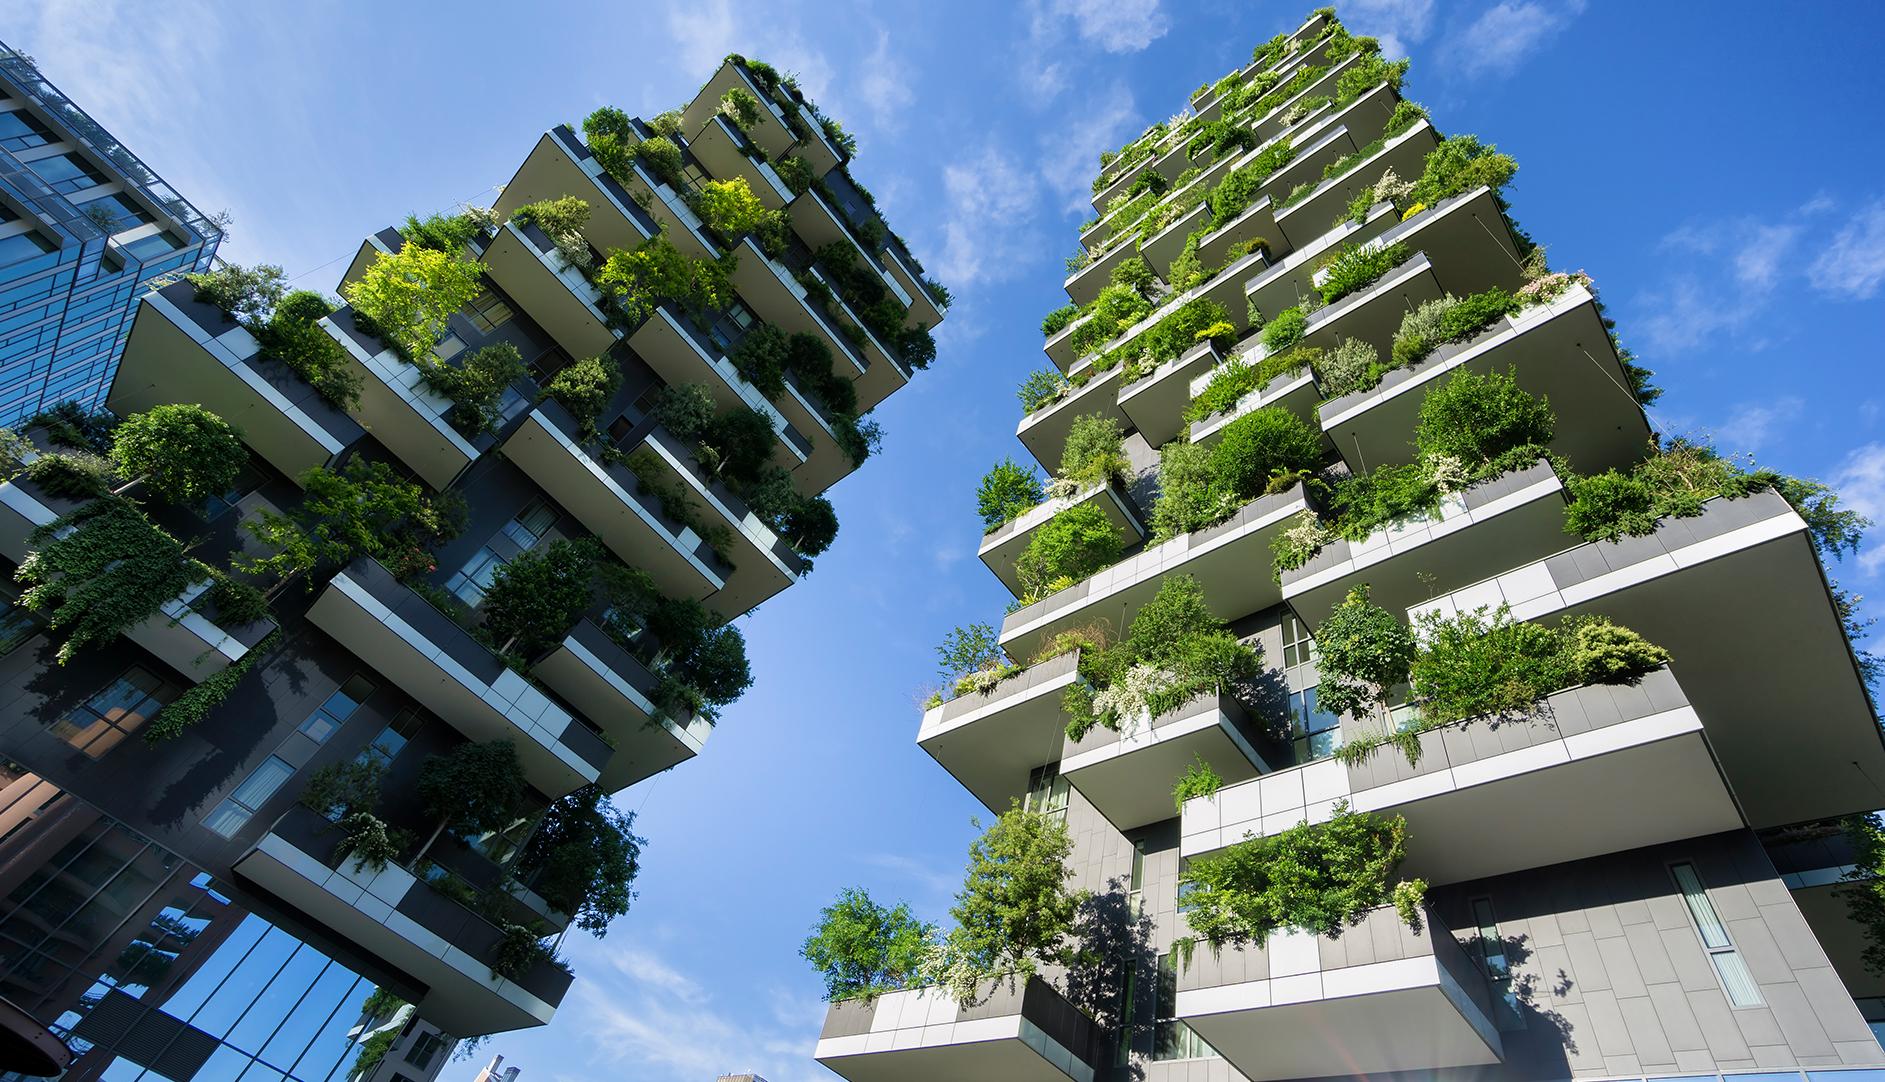 Immeuble murs végétaux